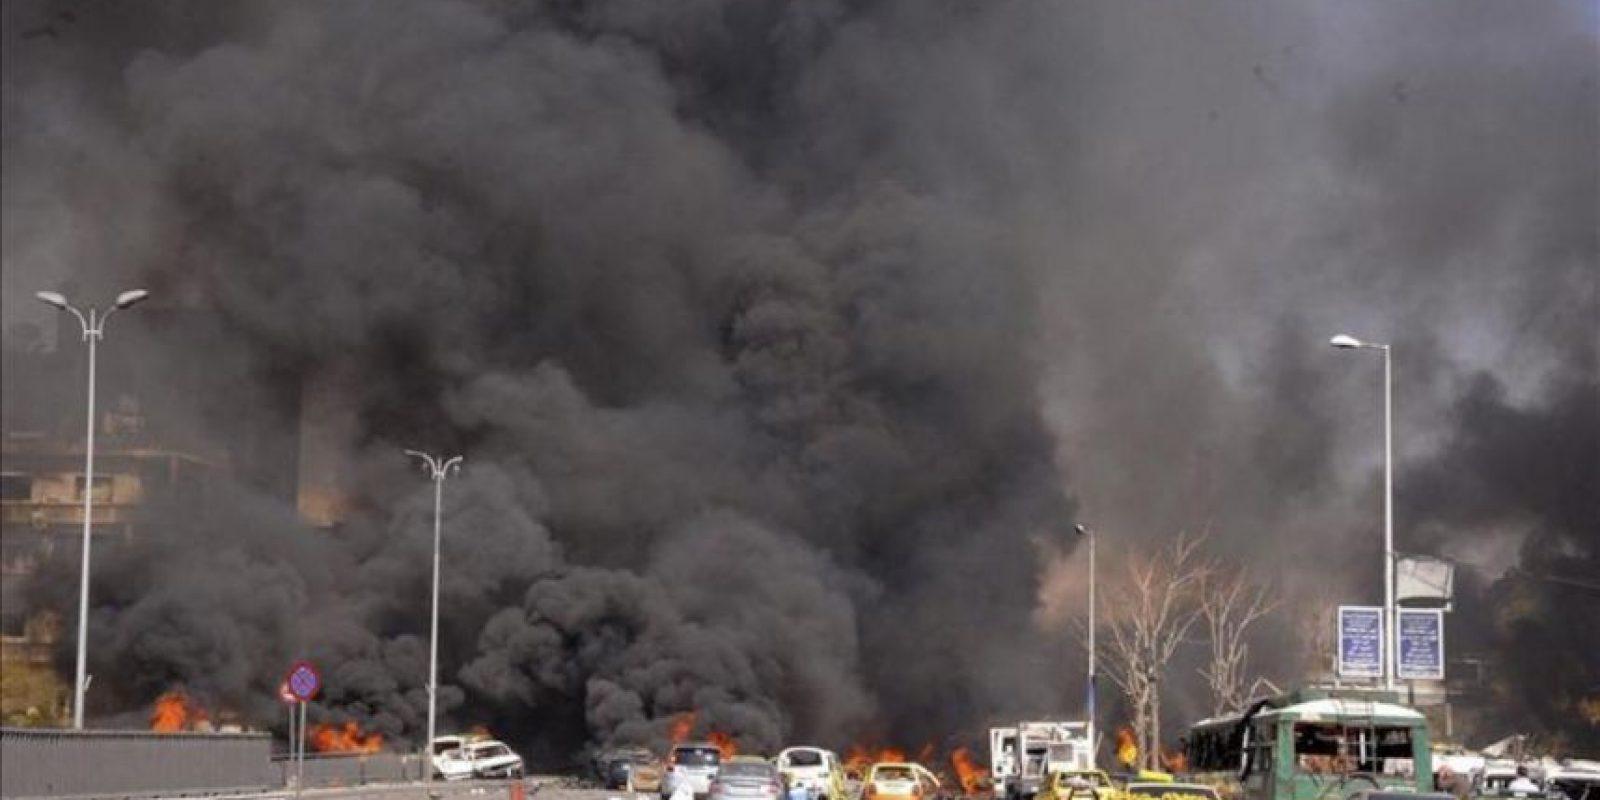 Fotografía distribuida por la agencia de noticias oficial siria SANA que muestra una enorme columna de humo negro tras la explosión de un coche bomba en el centro de Damasco. EFE